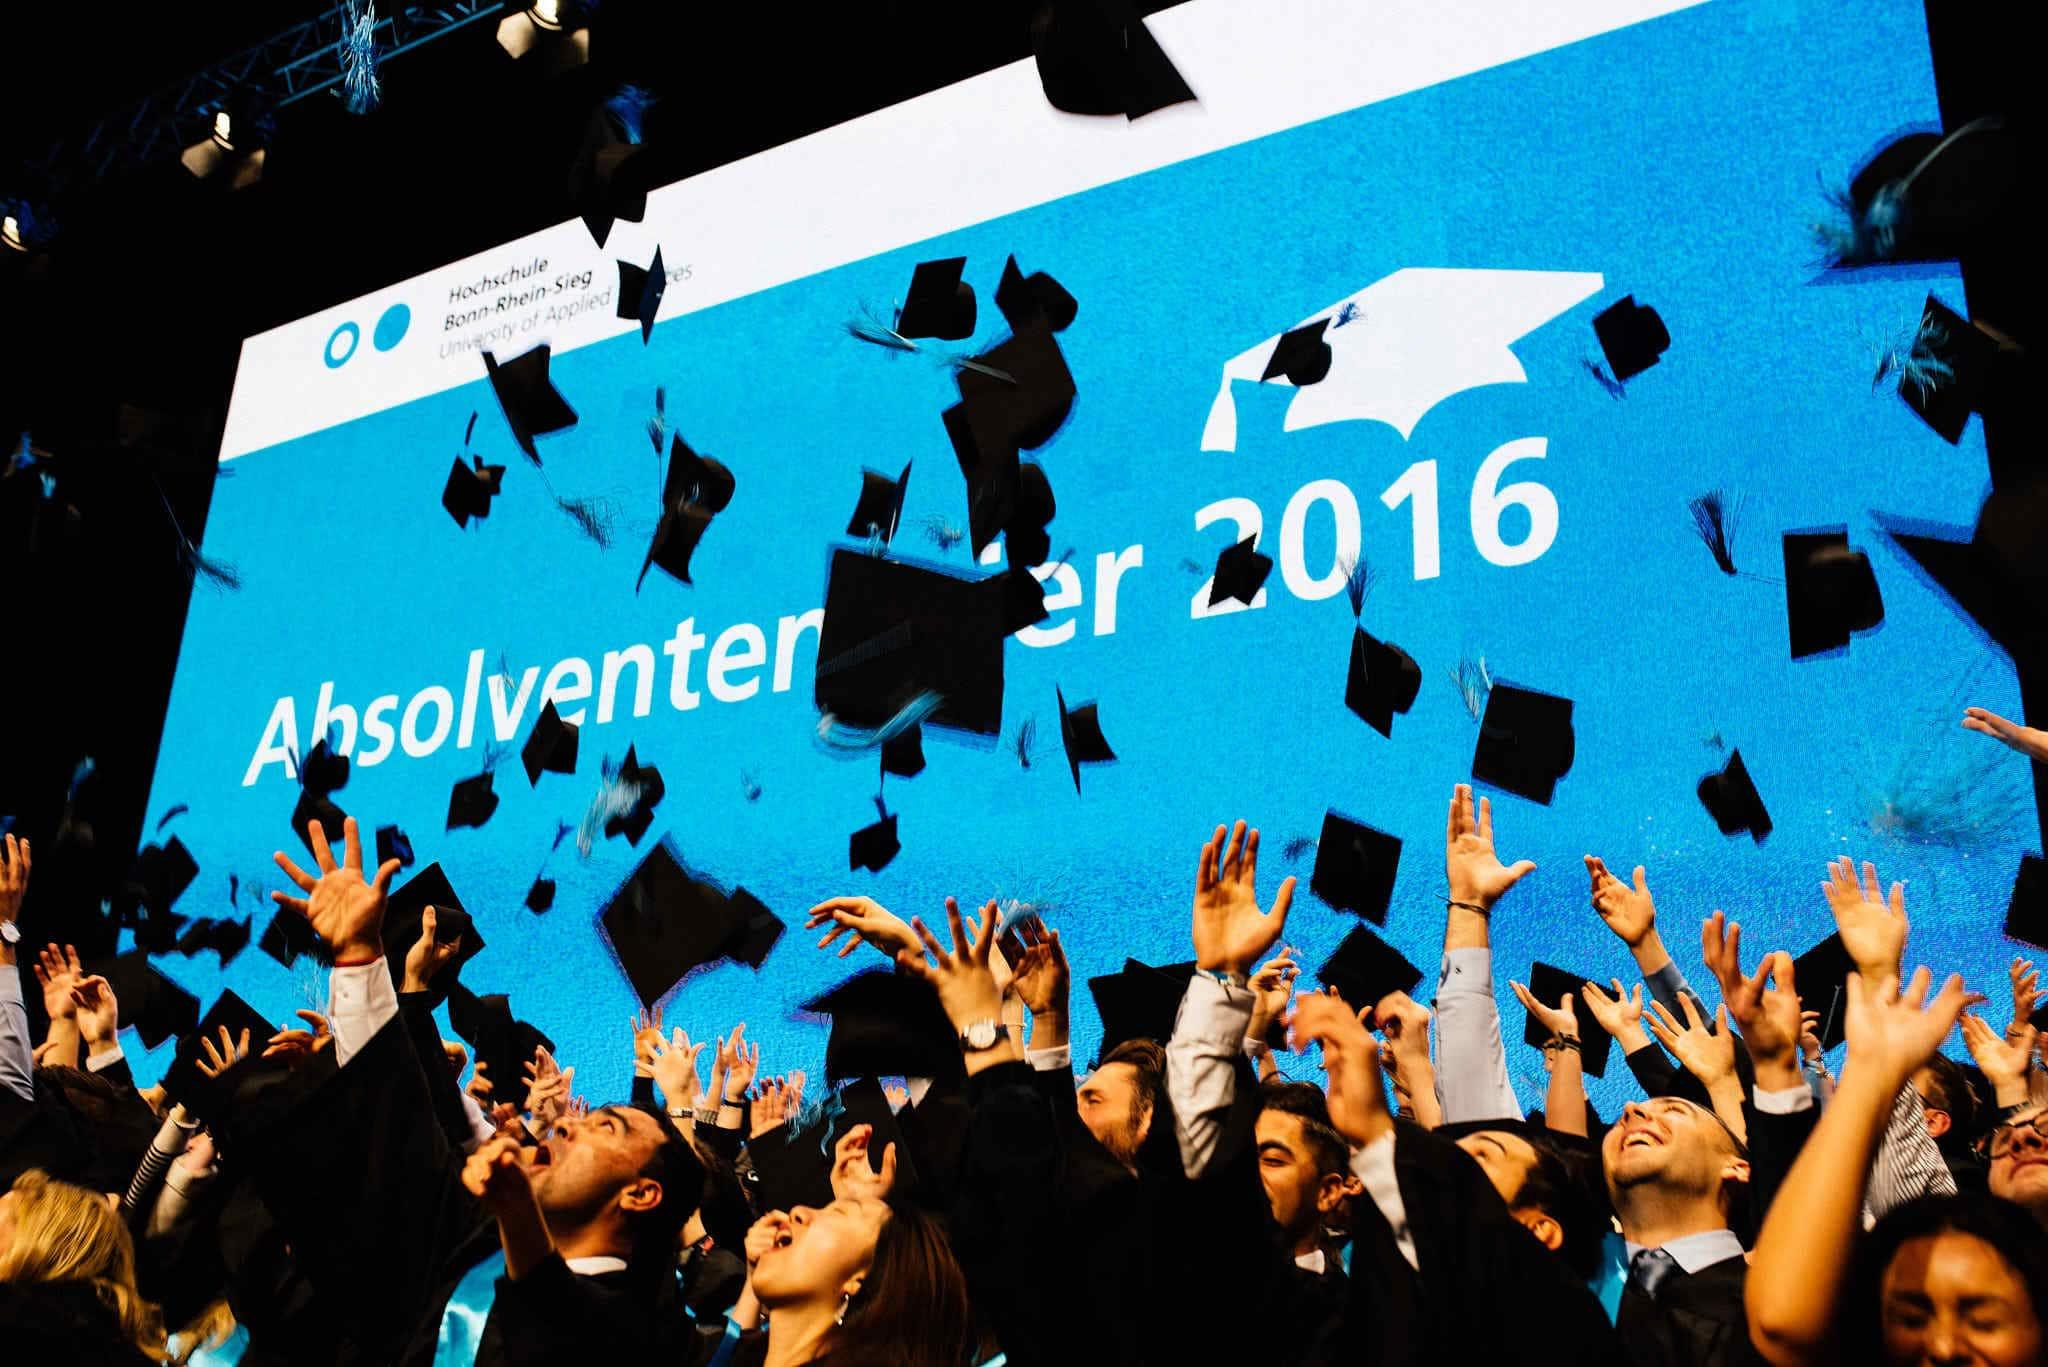 Die Hüte der Absolventen fliegen.